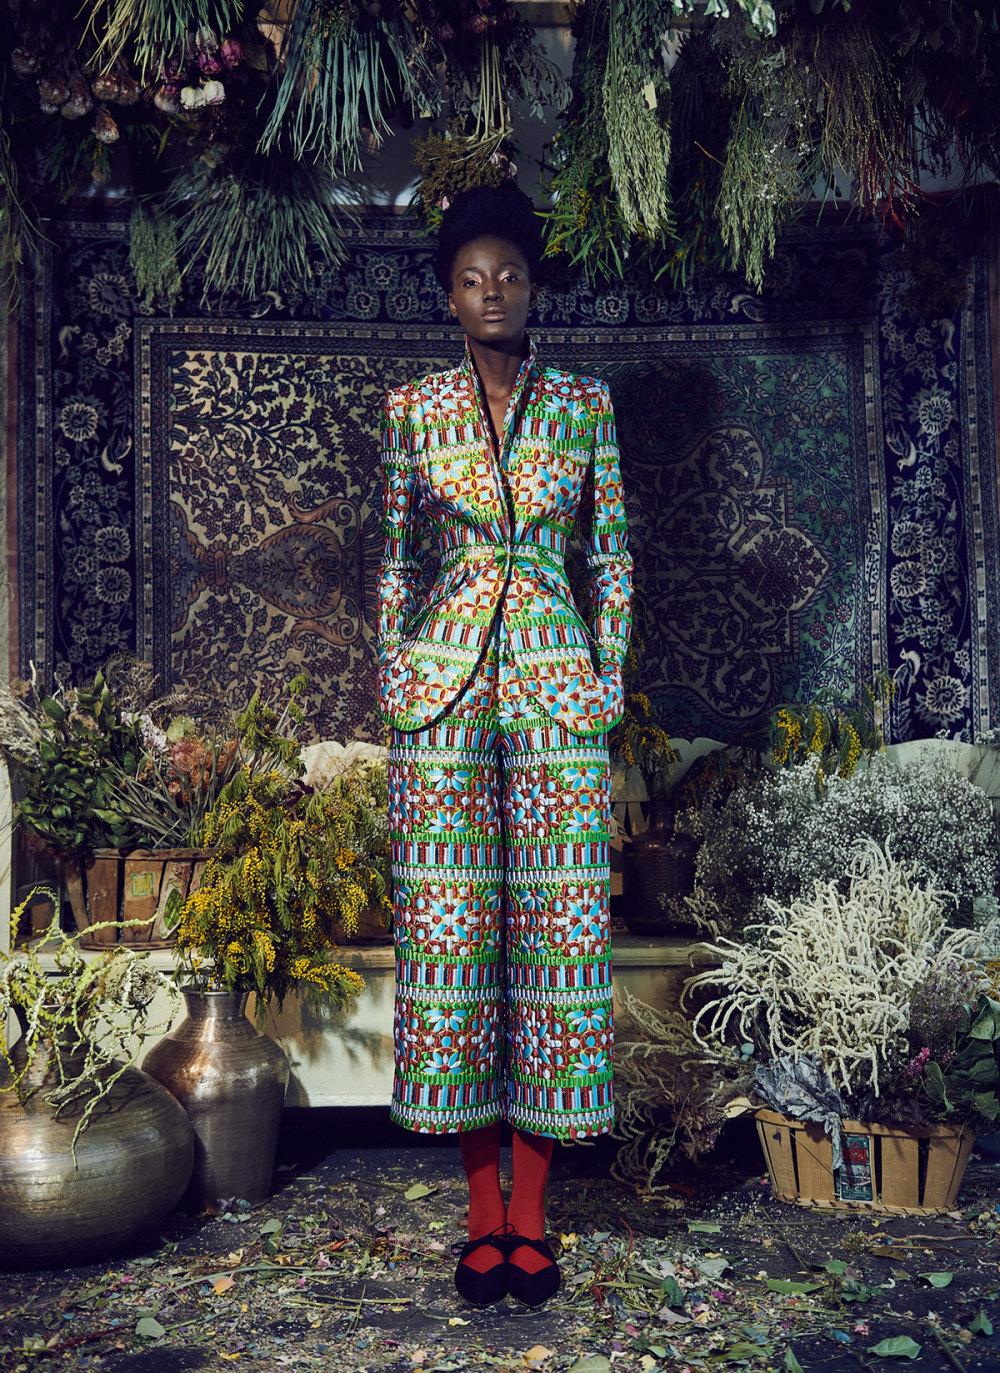 Rianna+Nina时装系列定制的夹克和金属光泽的七分裤定义未来主义-1.jpg